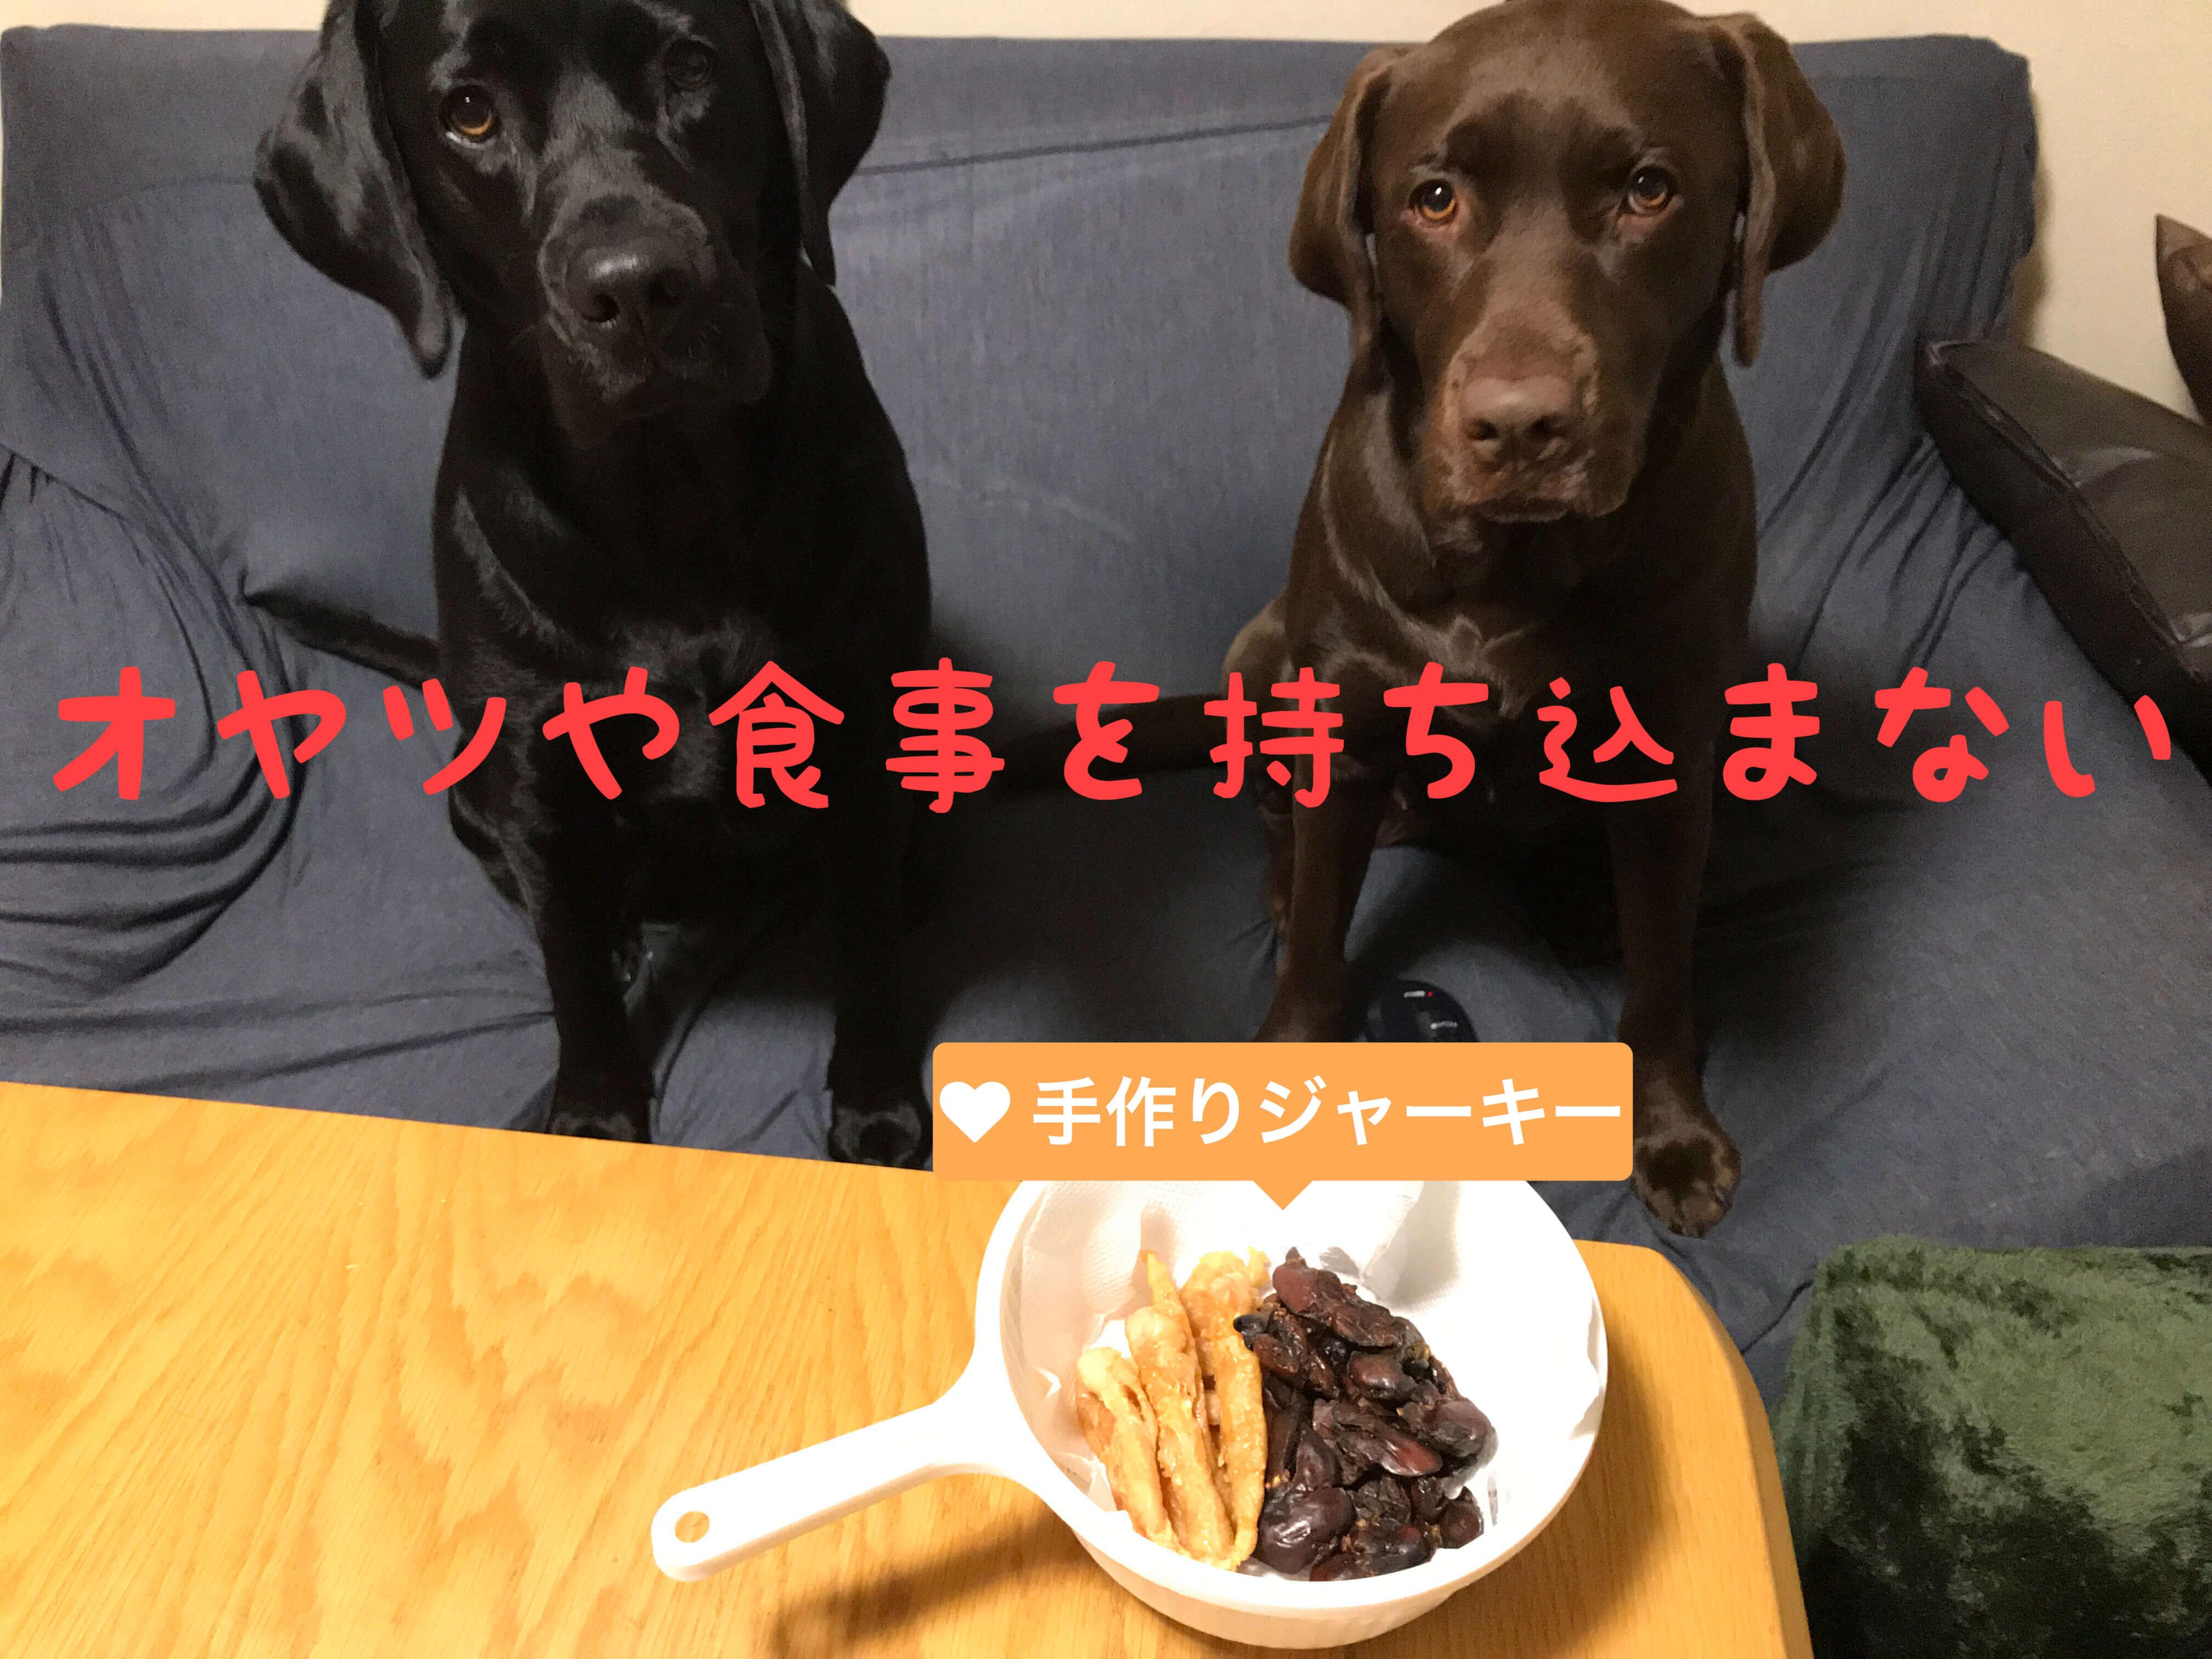 オヤツや食事を持ち込まない 手作りジャーキー 黒のラブラドールレトリバーとチョコレートのラブラドールレトリバー